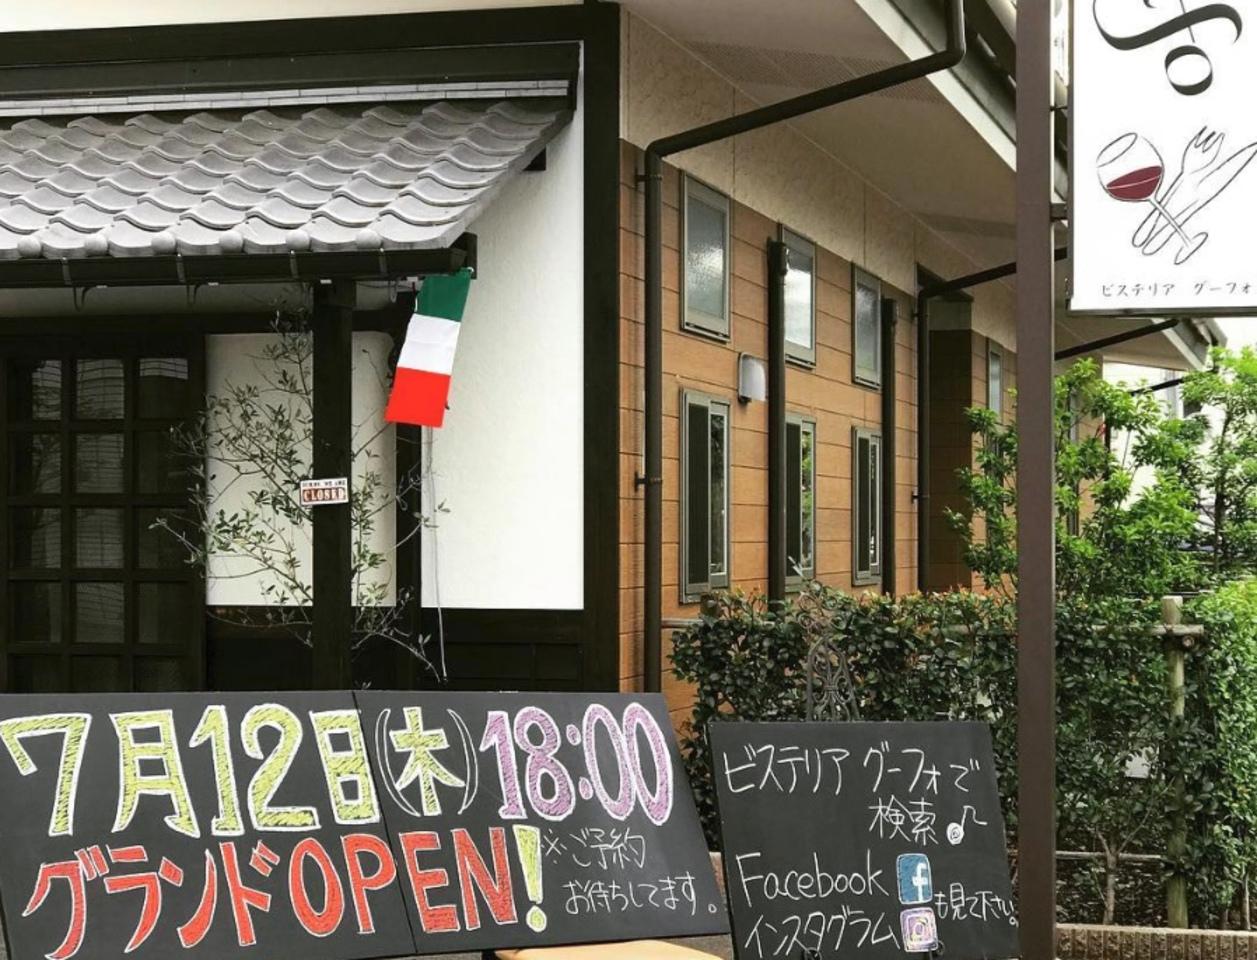 東京 東青梅に『ビステリア グーフォ』7/12移転オープン。